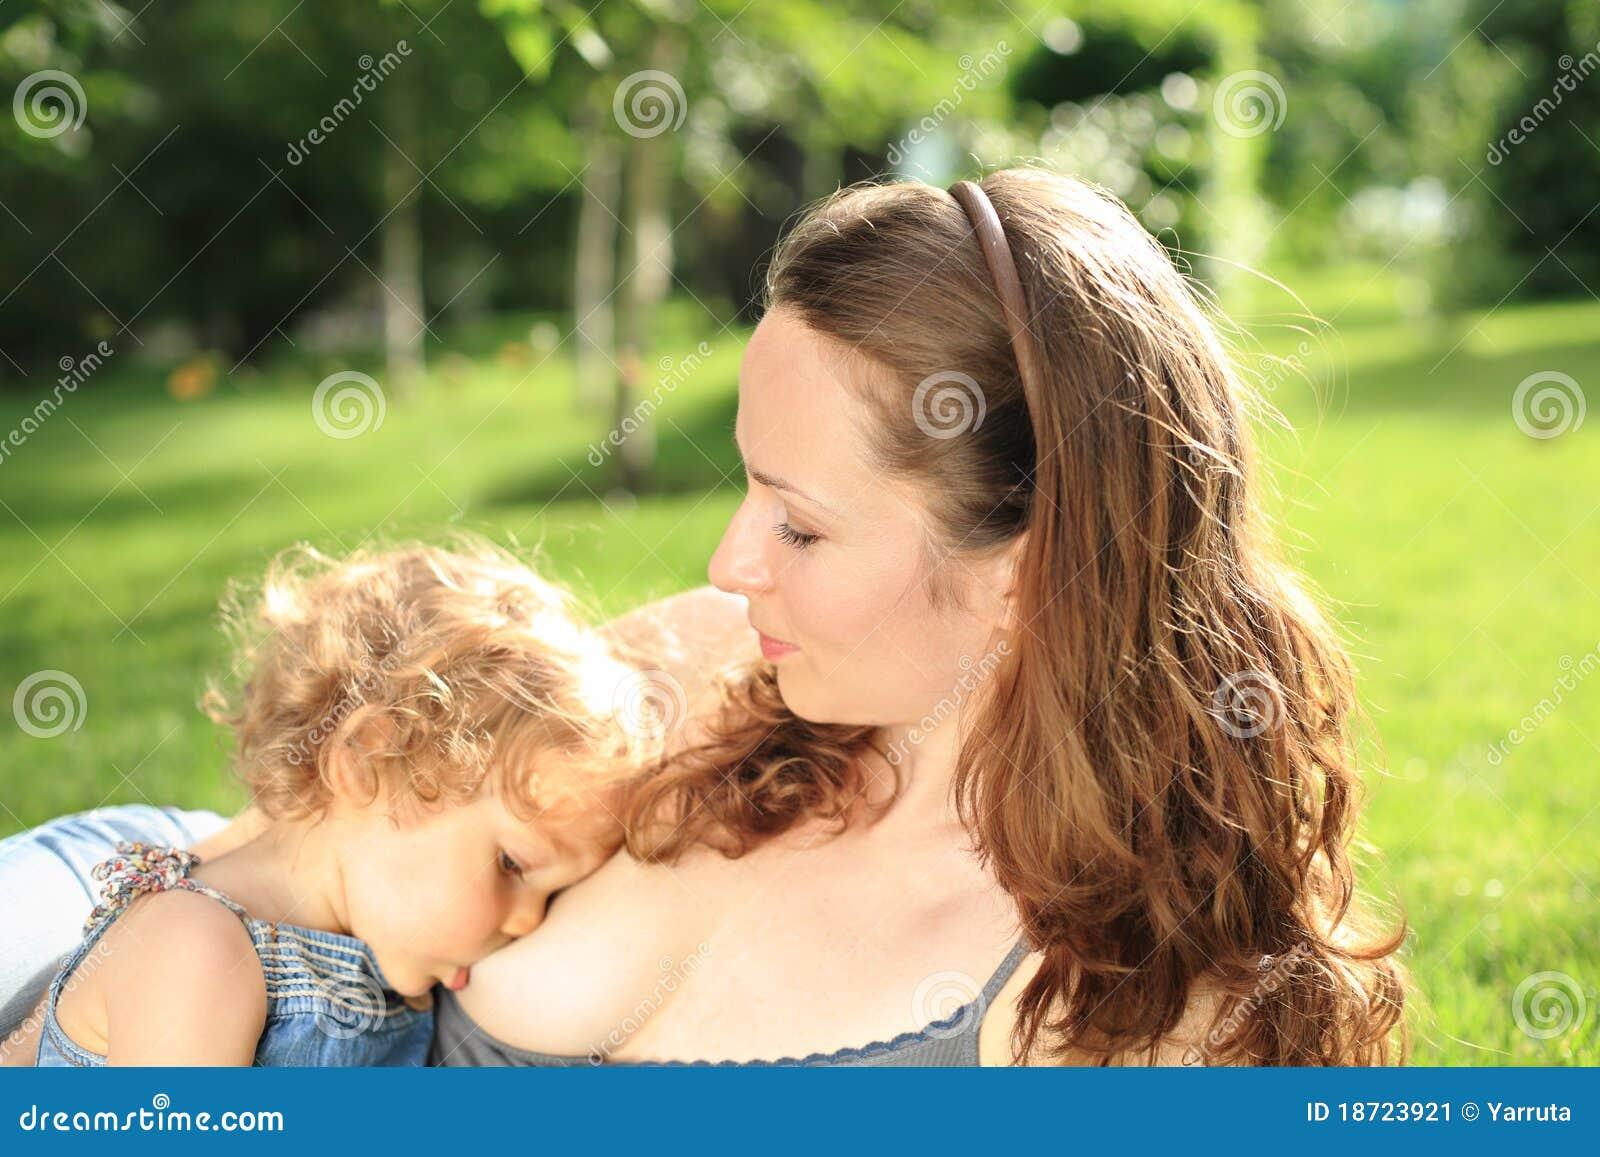 Рассказы дочь грудь, Все рассказы про: «сиськи дочери» Эротические 28 фотография